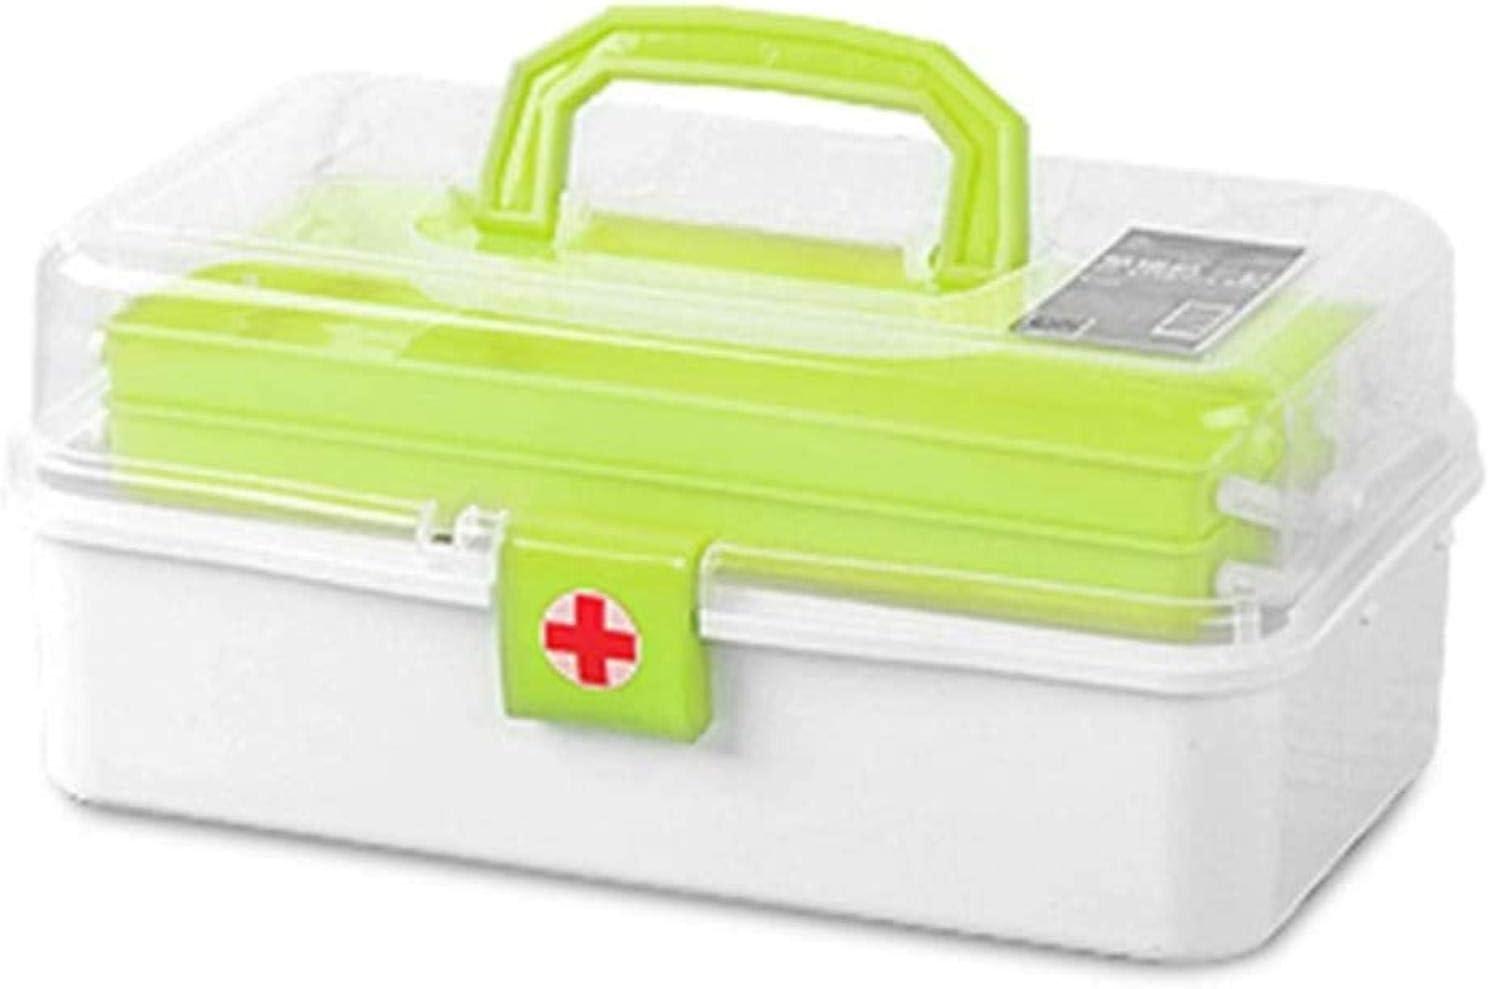 LBWNB Kit de Primeros Auxilios del Recorrido al Aire portátil Coche pequeño Kit médico Fire Box Medicina Bolsa de Almacenamiento portátil de Emergencia por terremoto de Hogares (Color: Rojo)